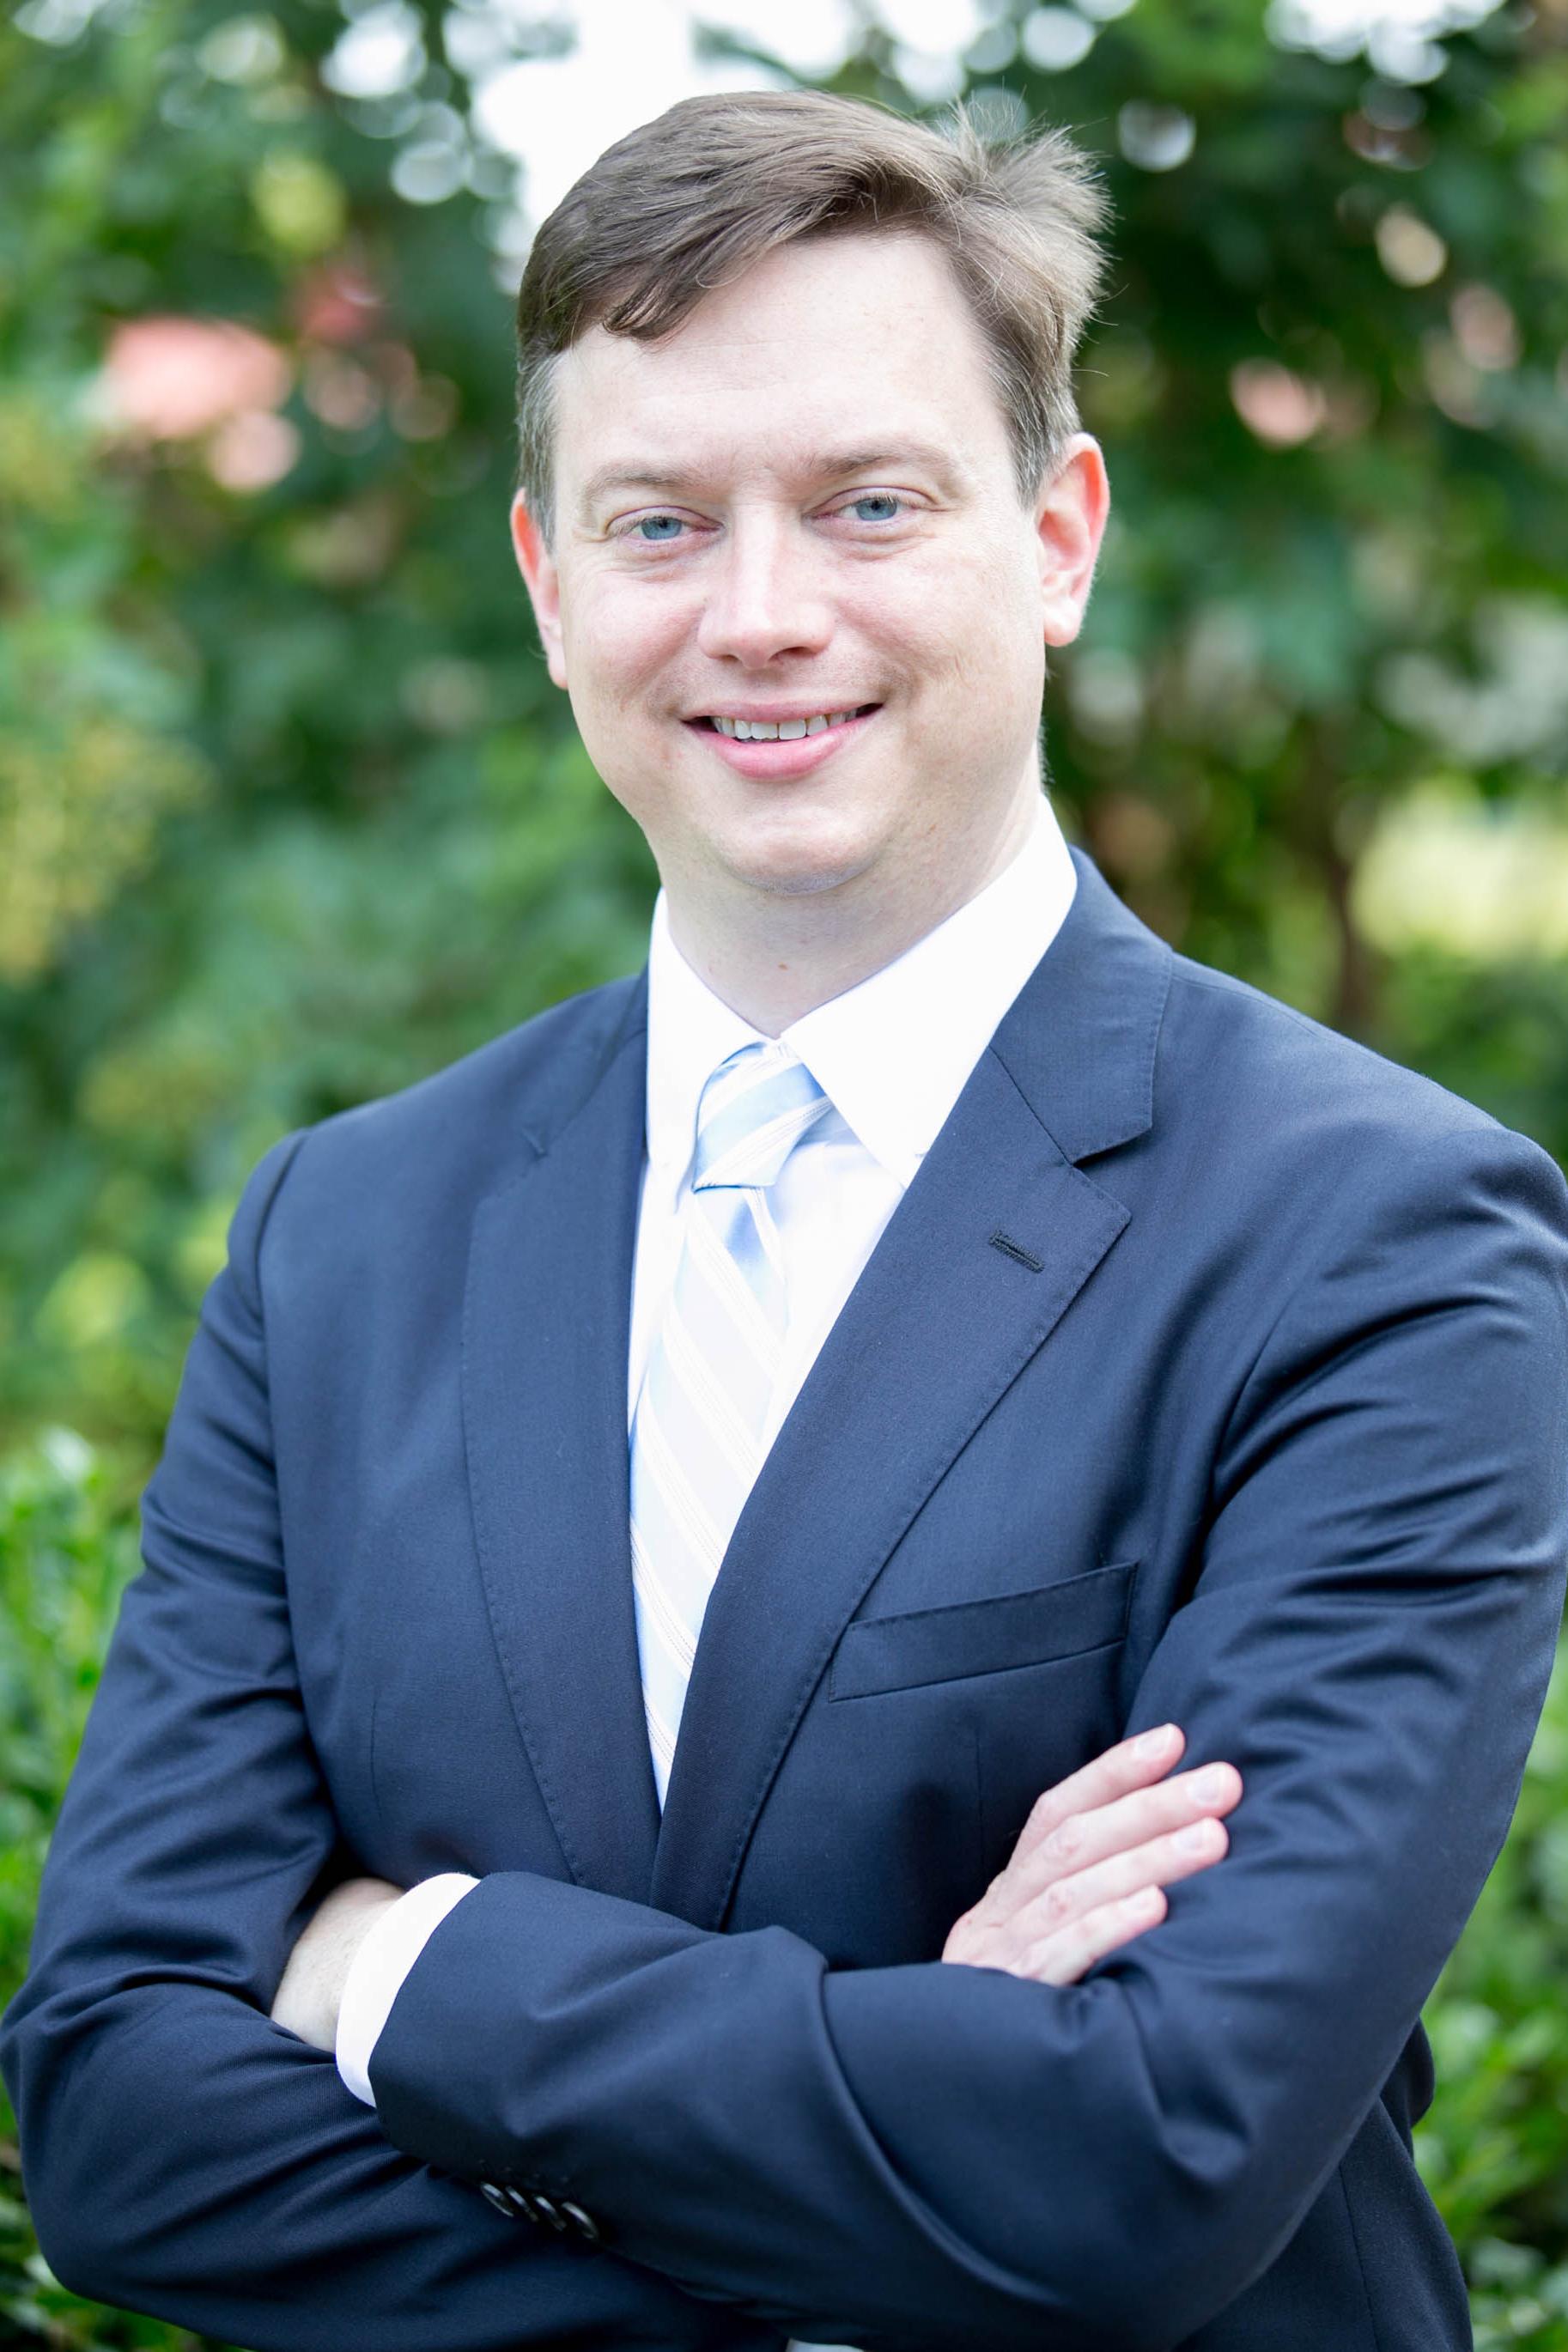 Nate Denny